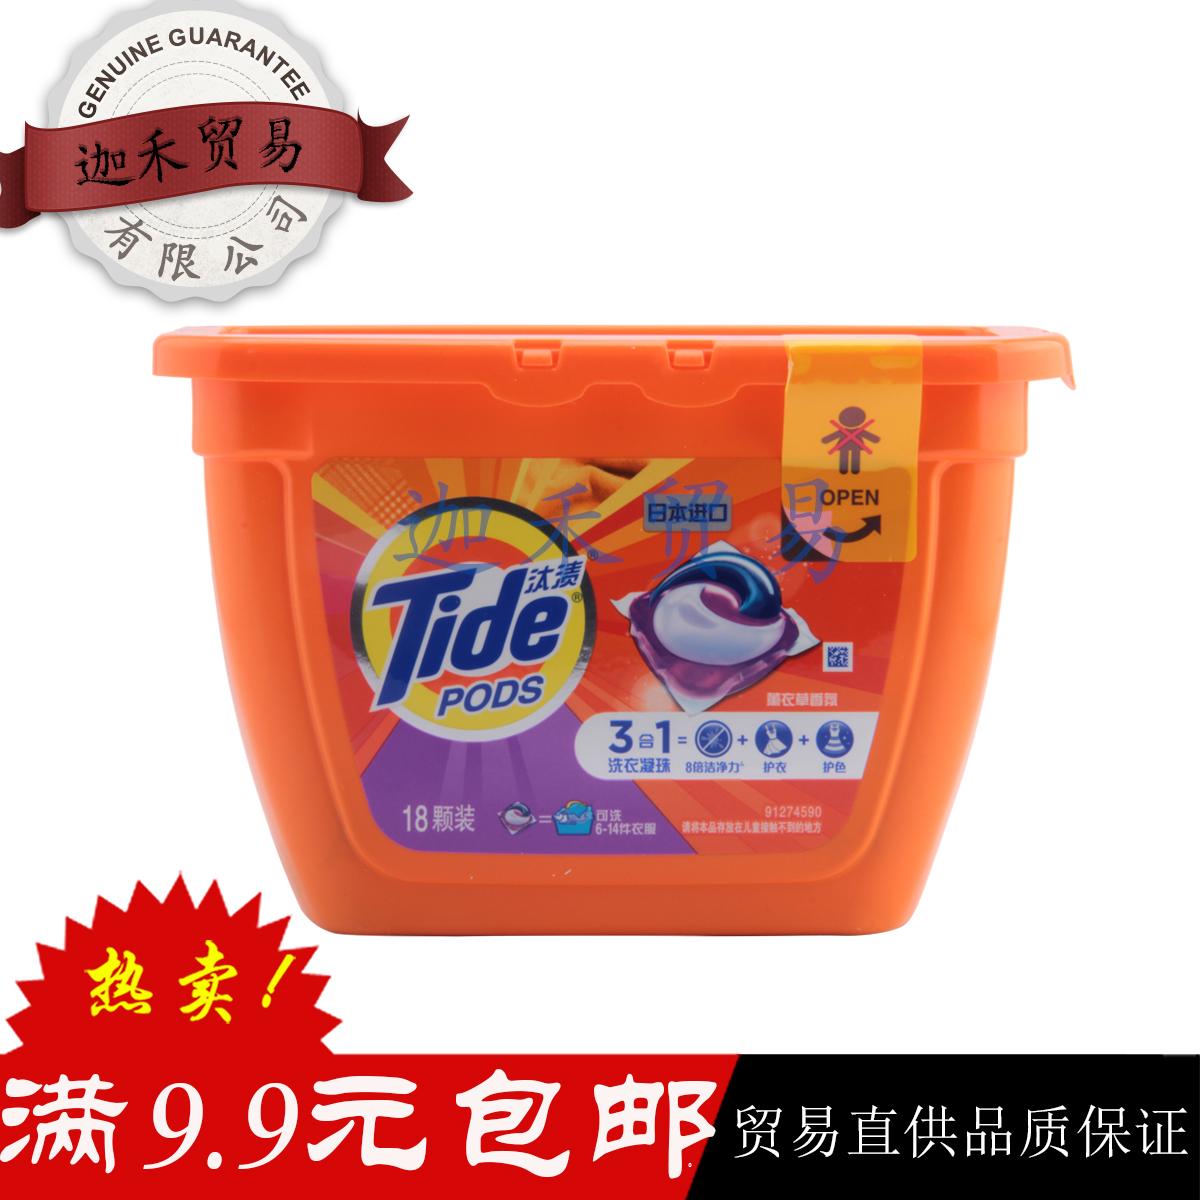 日本进口汰渍薰衣草香氛3合1洗衣凝珠18颗8倍洁净力护衣外膜易溶